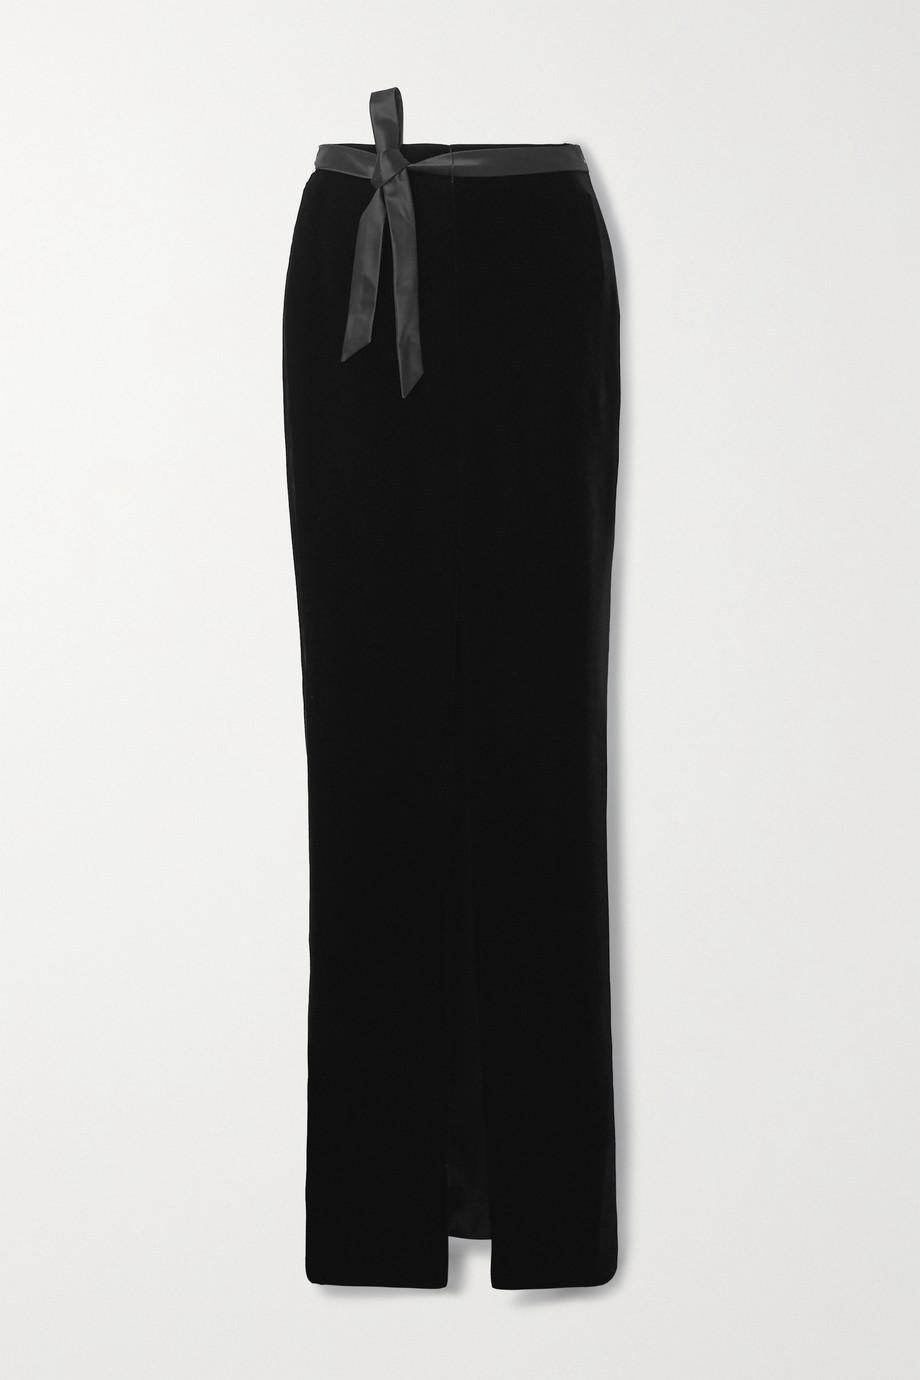 SAINT LAURENT Satin-trimmed velvet maxi skirt